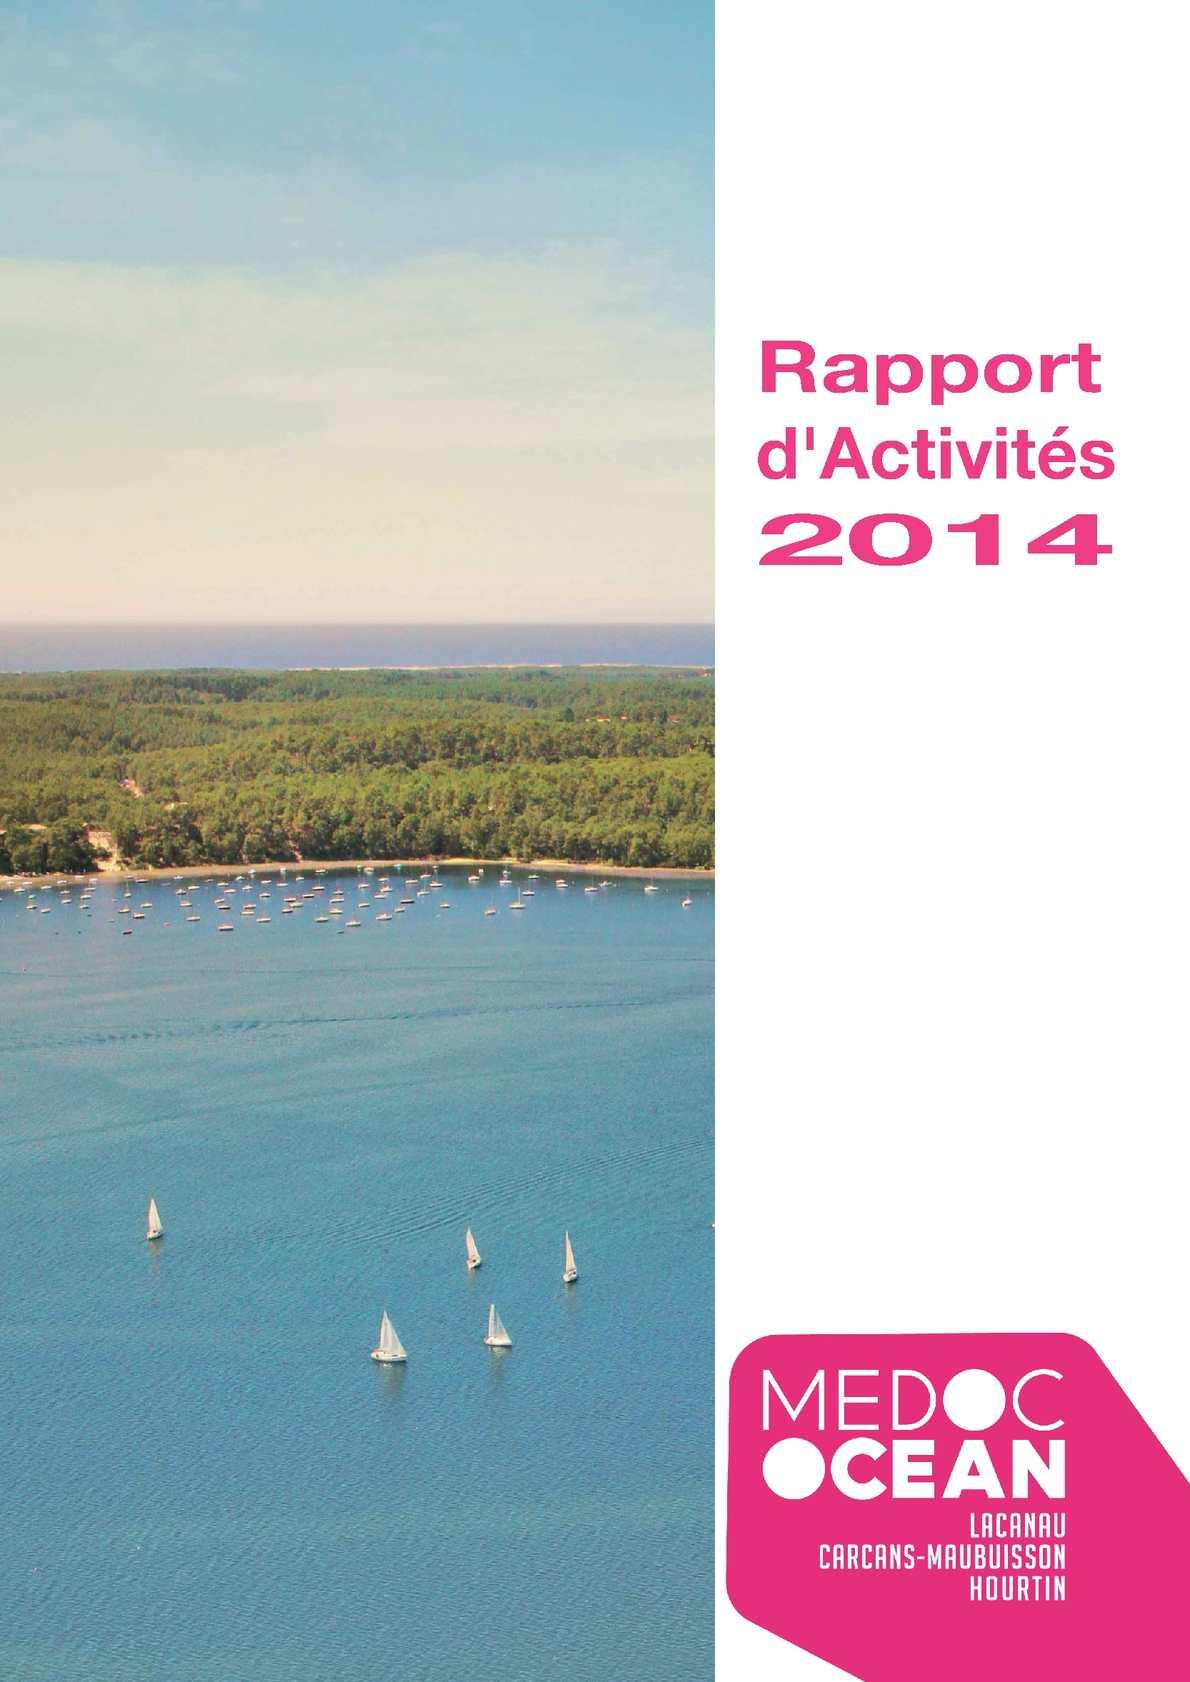 Calam o rapport d activites medoc ocean 2014 - Office de tourisme de carcans ...